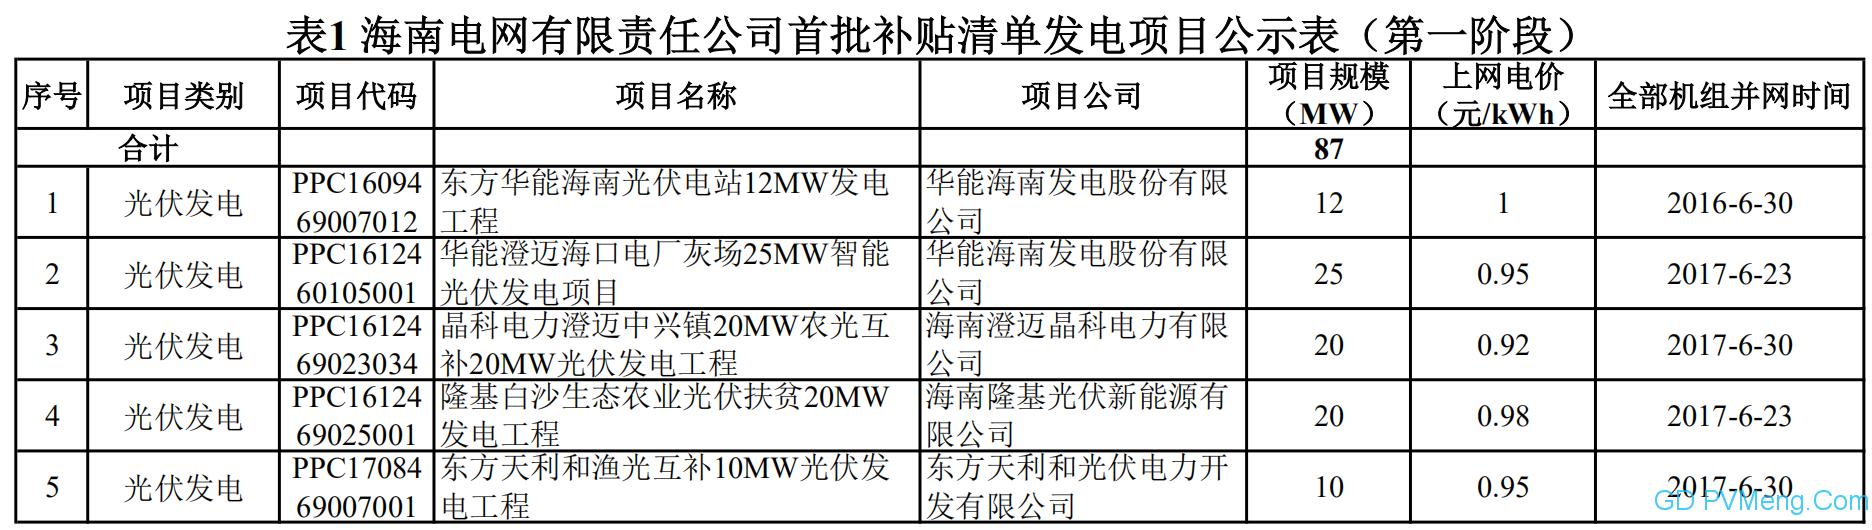 海南电网可再生能源电价附加补贴清单申报发电项目复核通过项目名单(首批补贴清单第一阶段)20200430